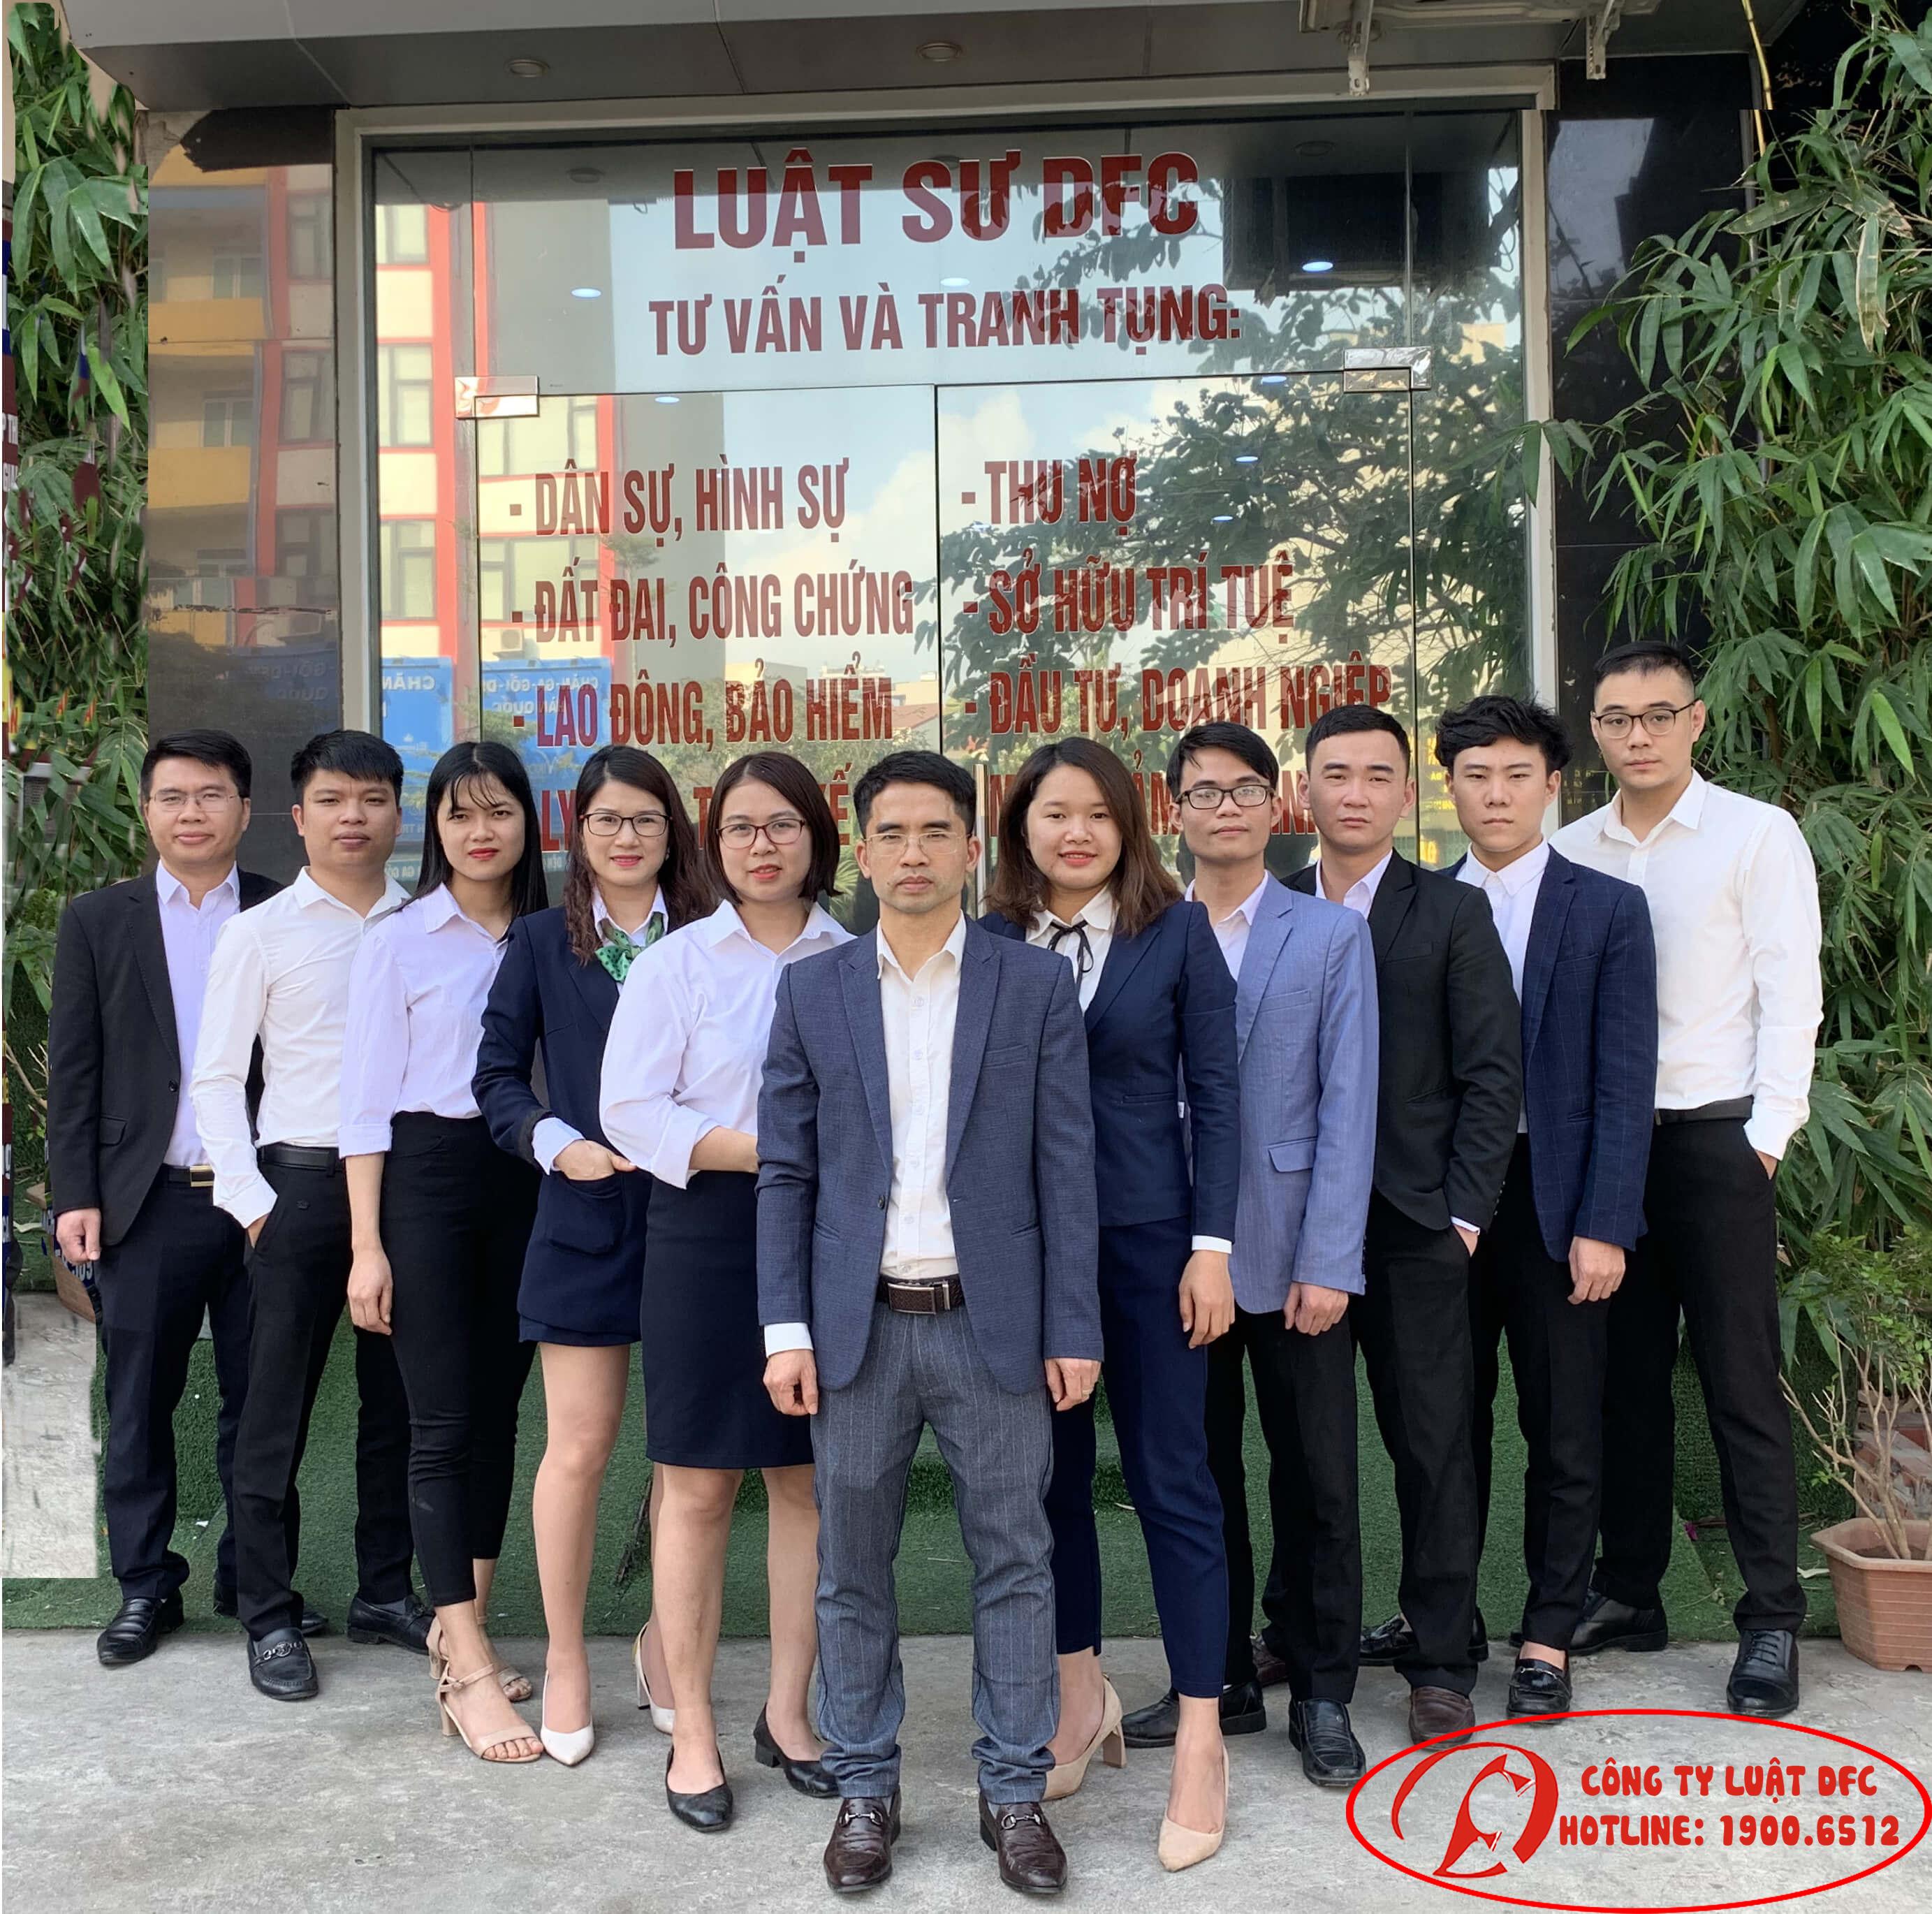 Đội ngũ Luật sư tư vấn DFC - 19006512